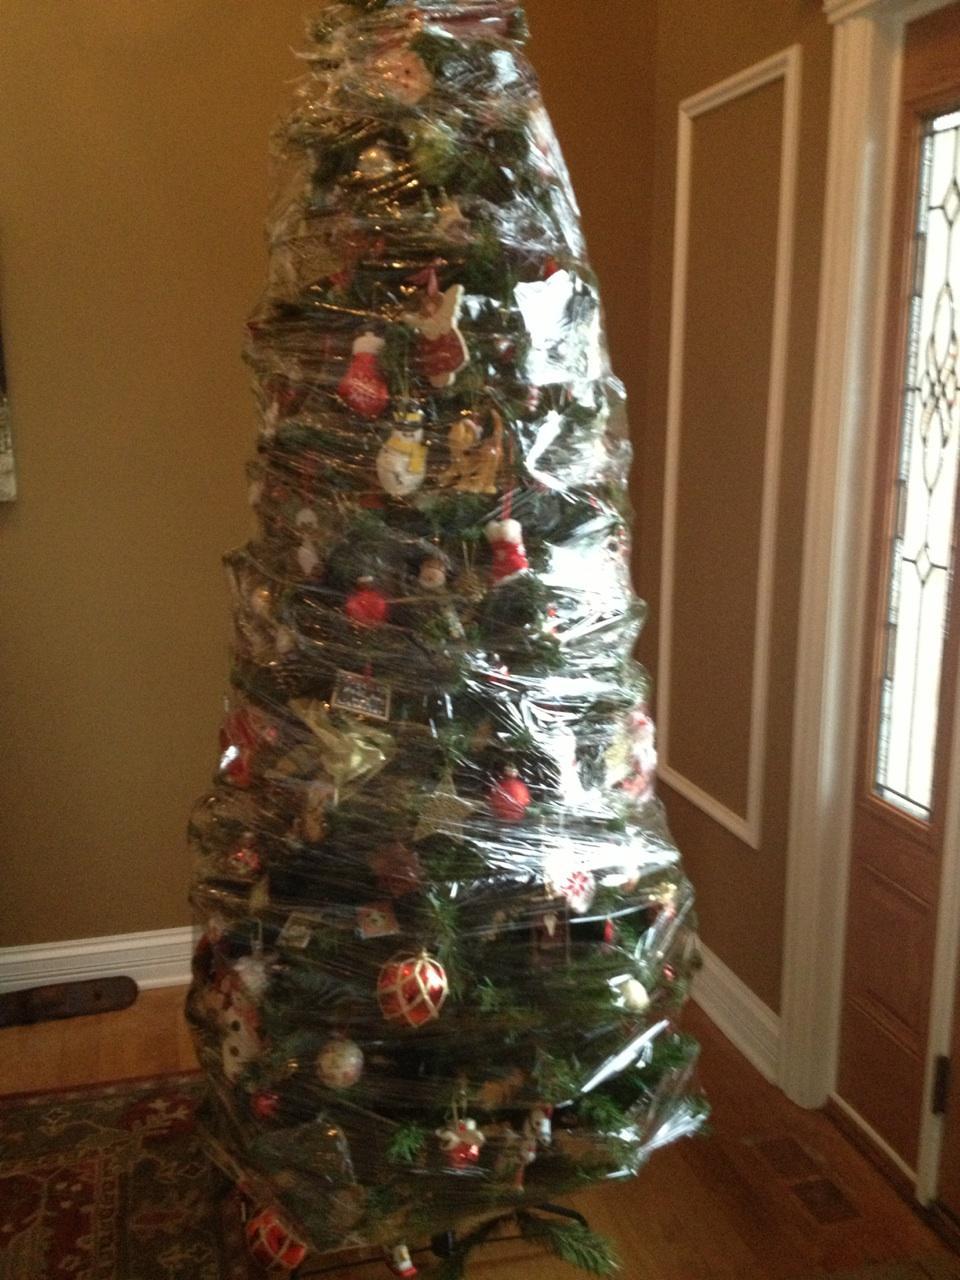 Christmas-Hacks-Cling-Film-Tree